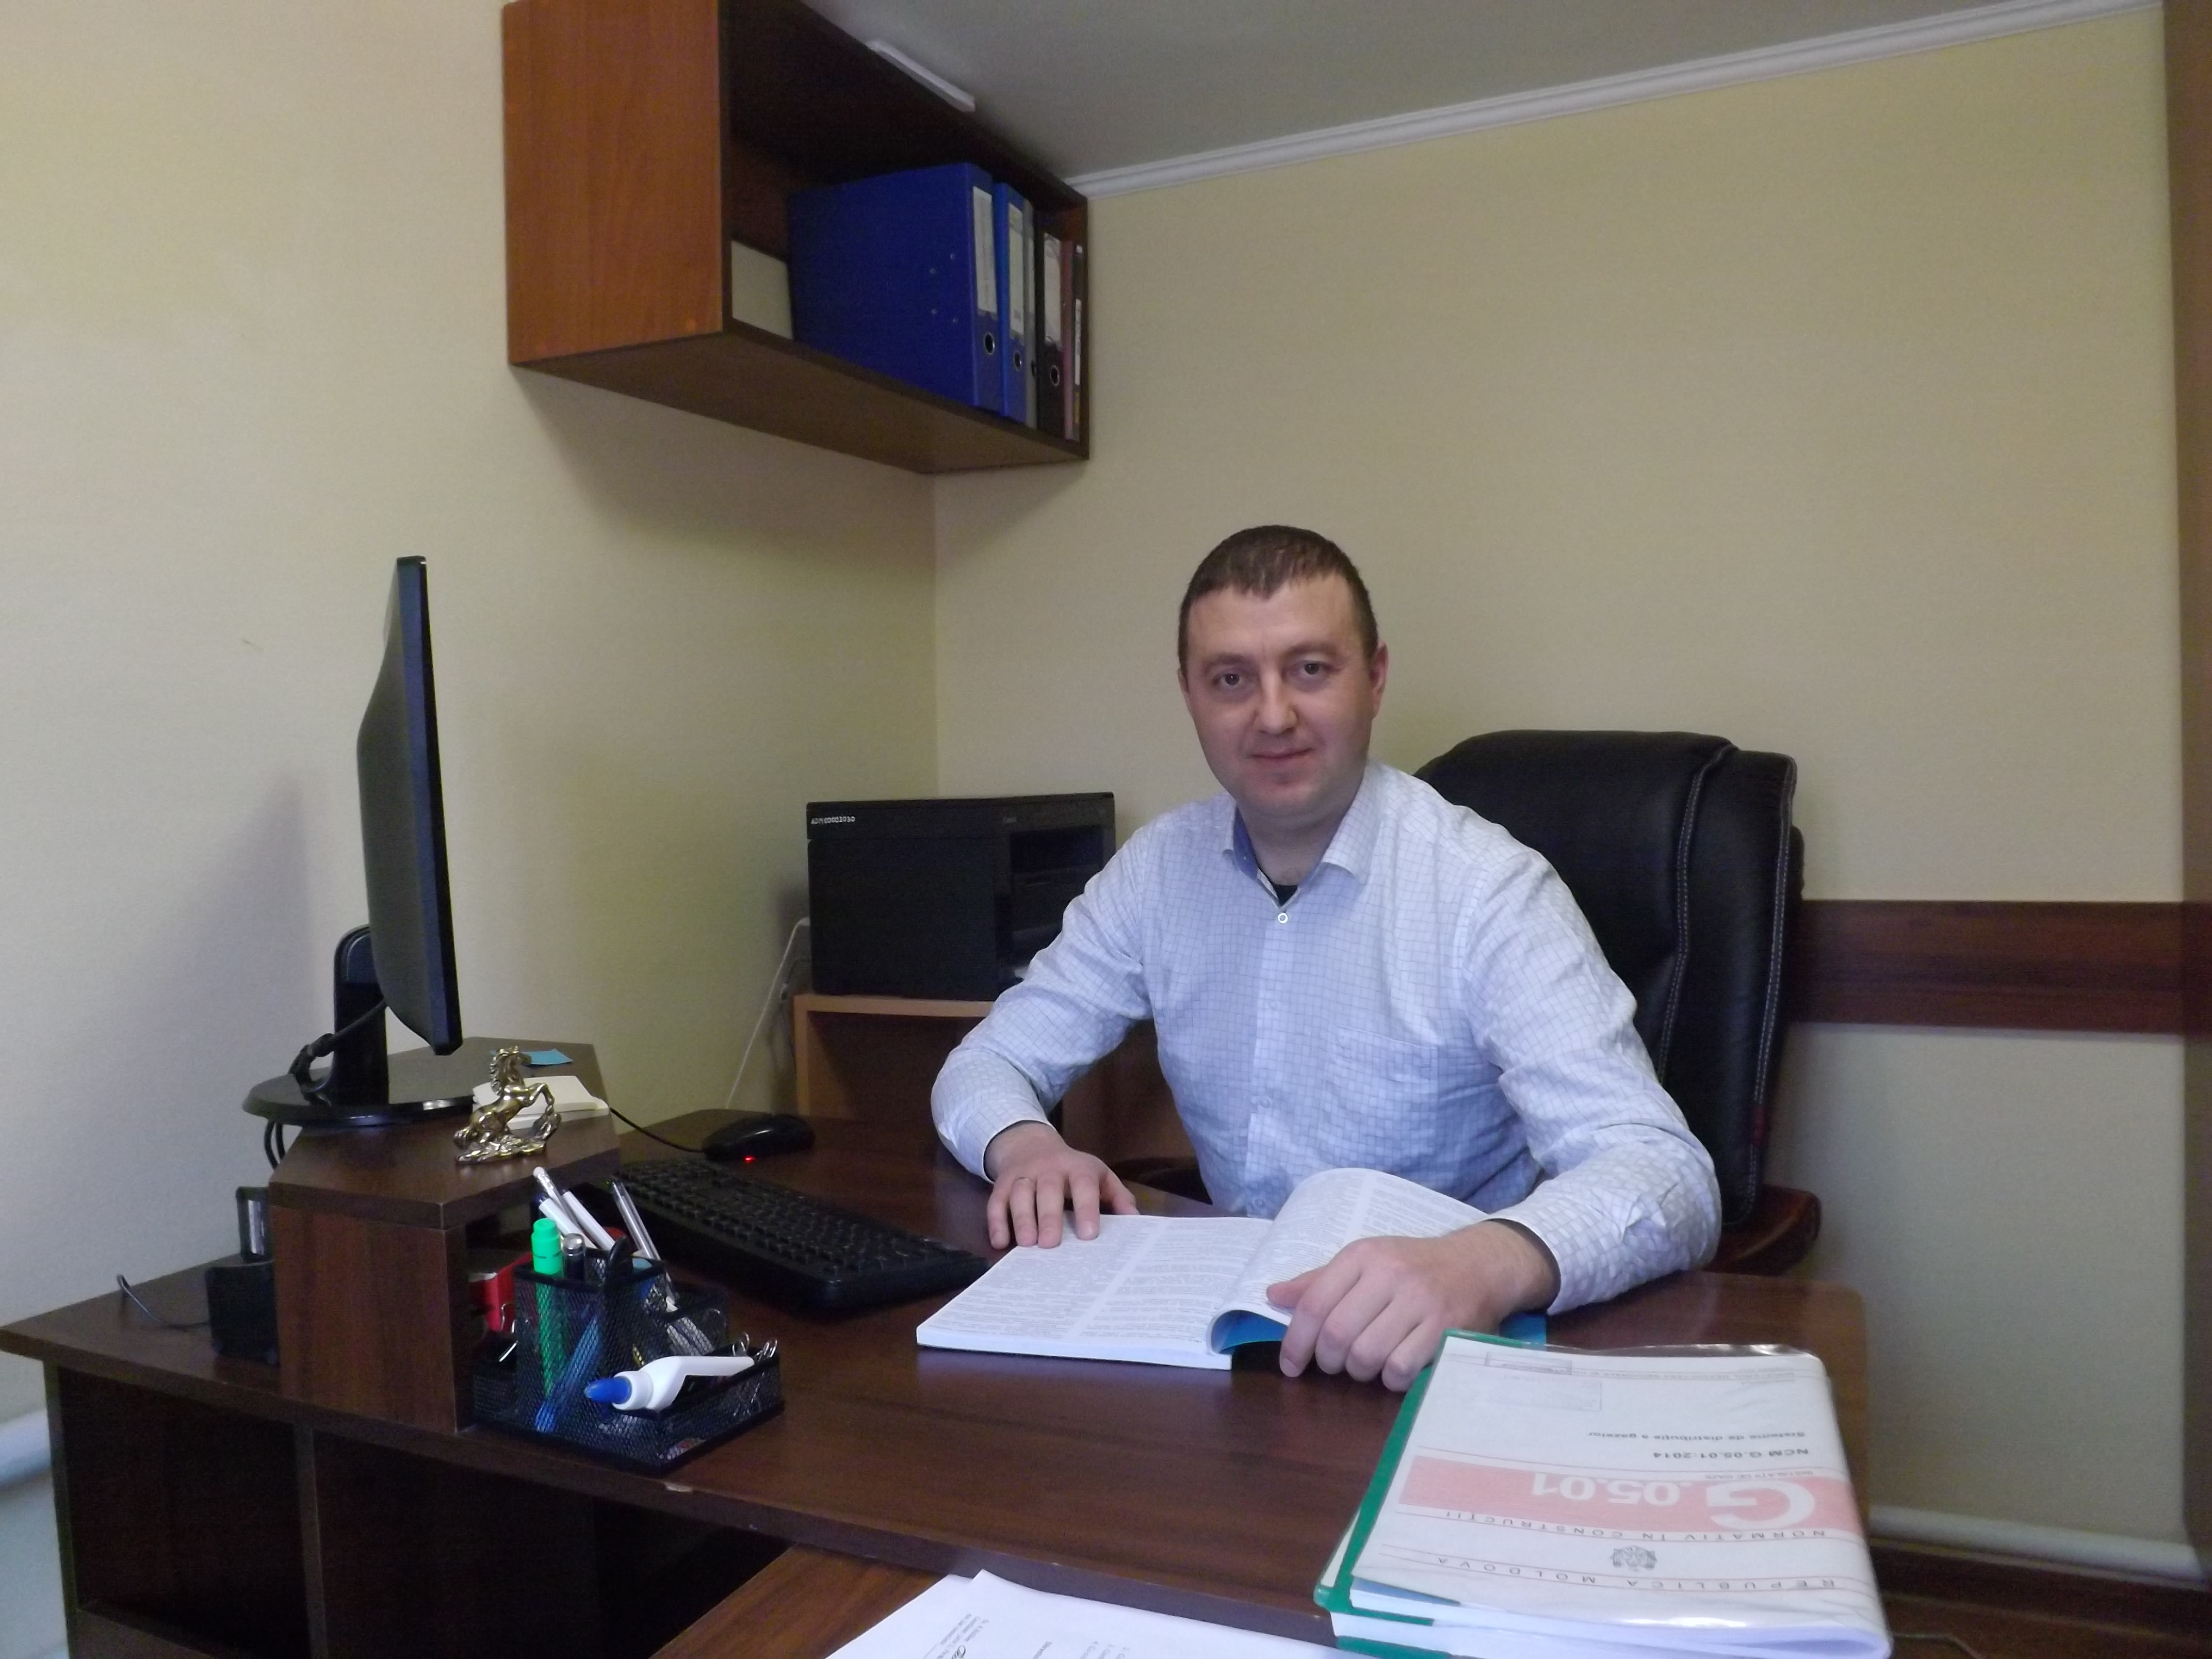 Panța Ivan